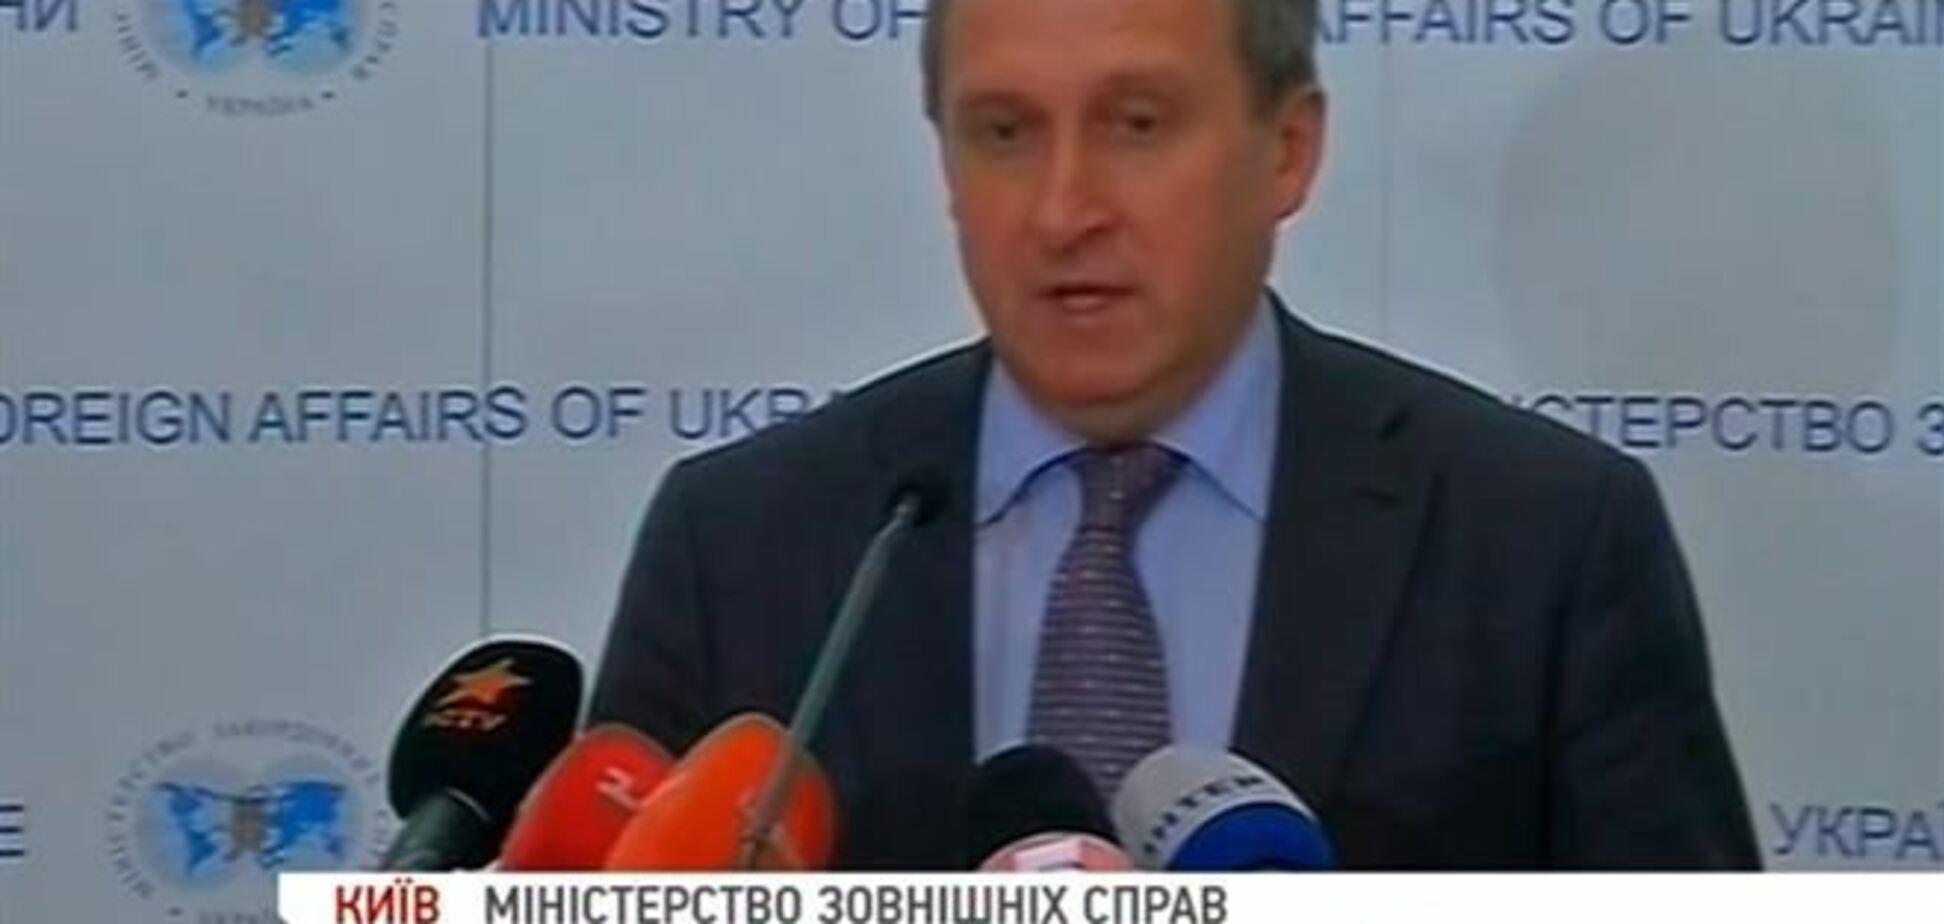 МИД Украины попросил помощи у США и ЕС